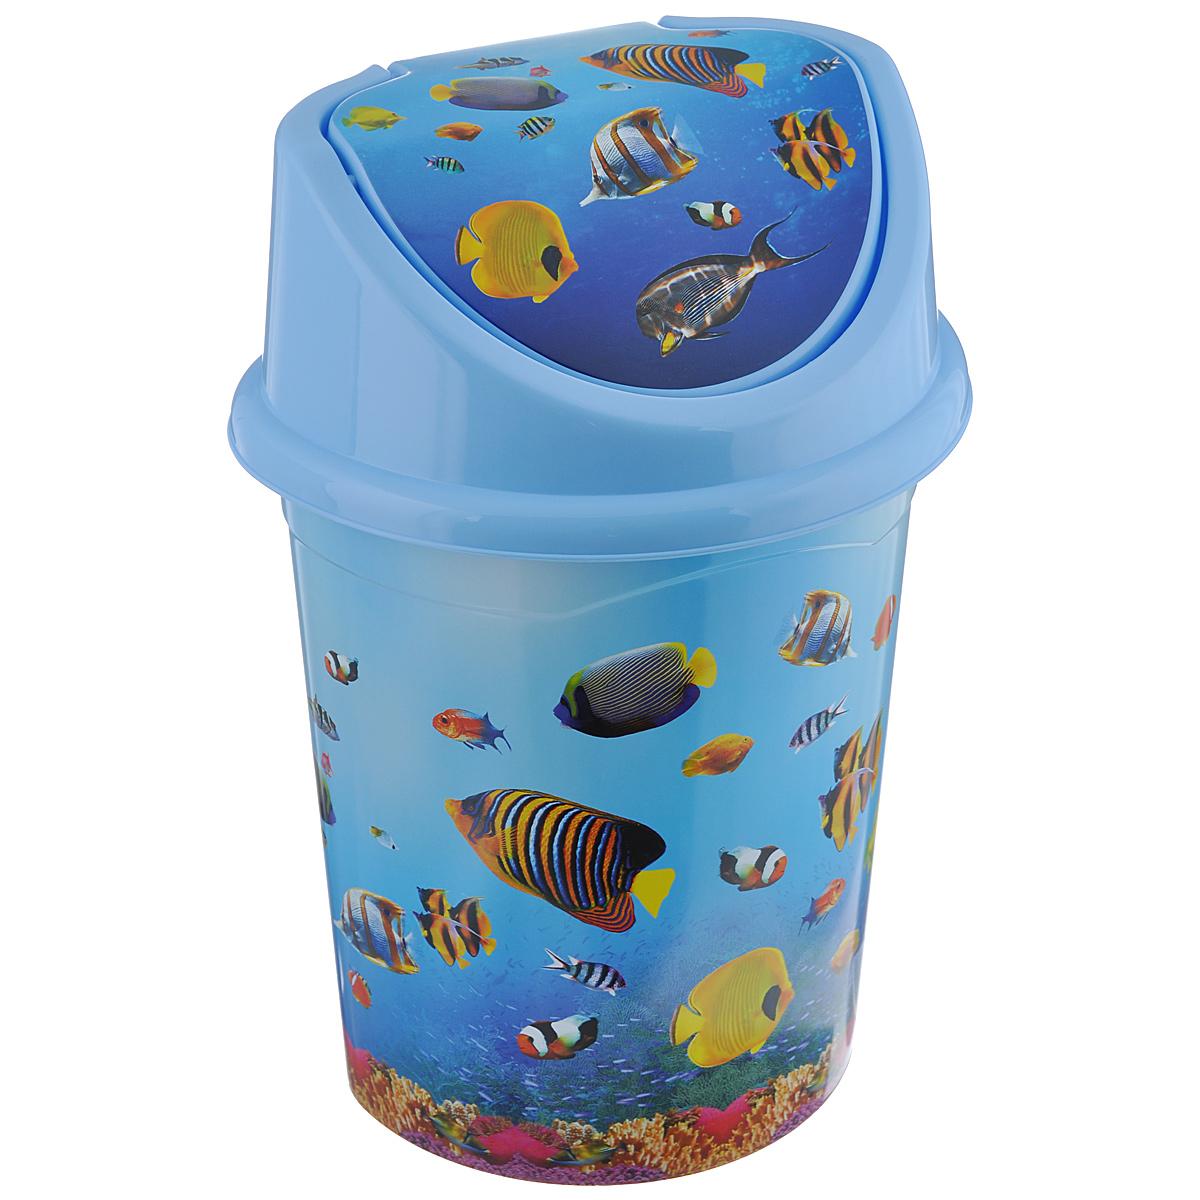 Контейнер для мусора Violet Океан, цвет: голубой, синий, желтый, 8 лNLED-426-3W-WКонтейнер для мусора Violet Океан изготовлен из прочного пластика. Контейнер снабжен удобной съемной крышкой с подвижной перегородкой. В нем удобно хранить мелкий мусор. Благодаря яркому дизайну такой контейнер идеально впишется в интерьер и дома. Размер изделия: 21 см x 26 см x 36 см.